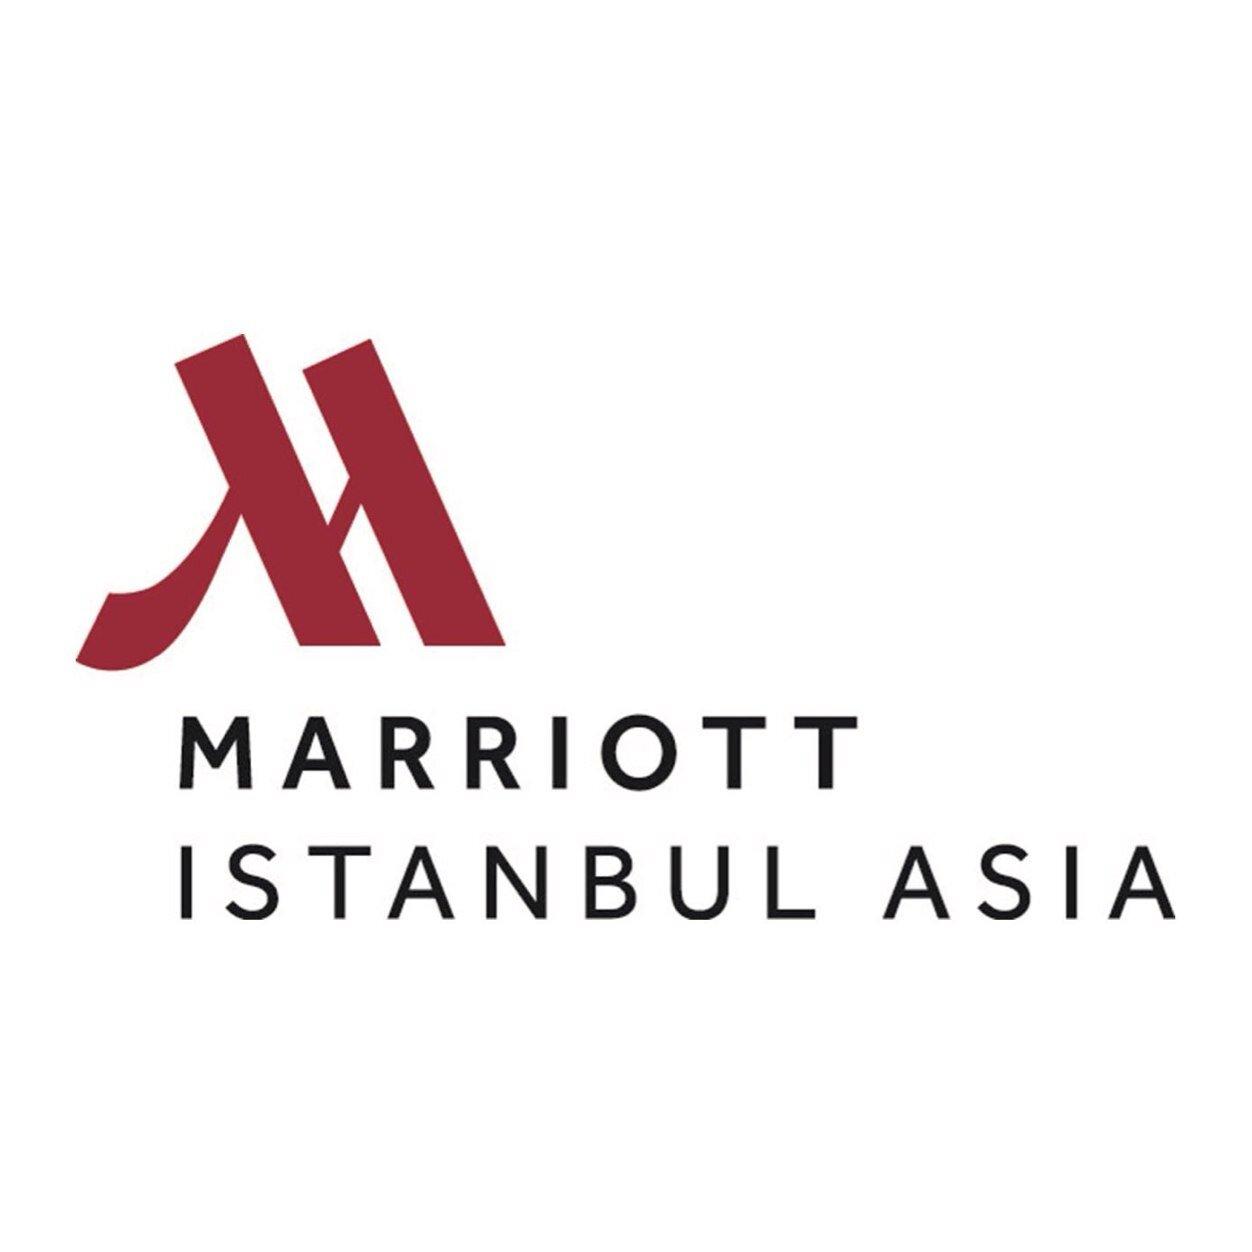 Marriott Hotel Asia  Twitter Hesabı Profil Fotoğrafı